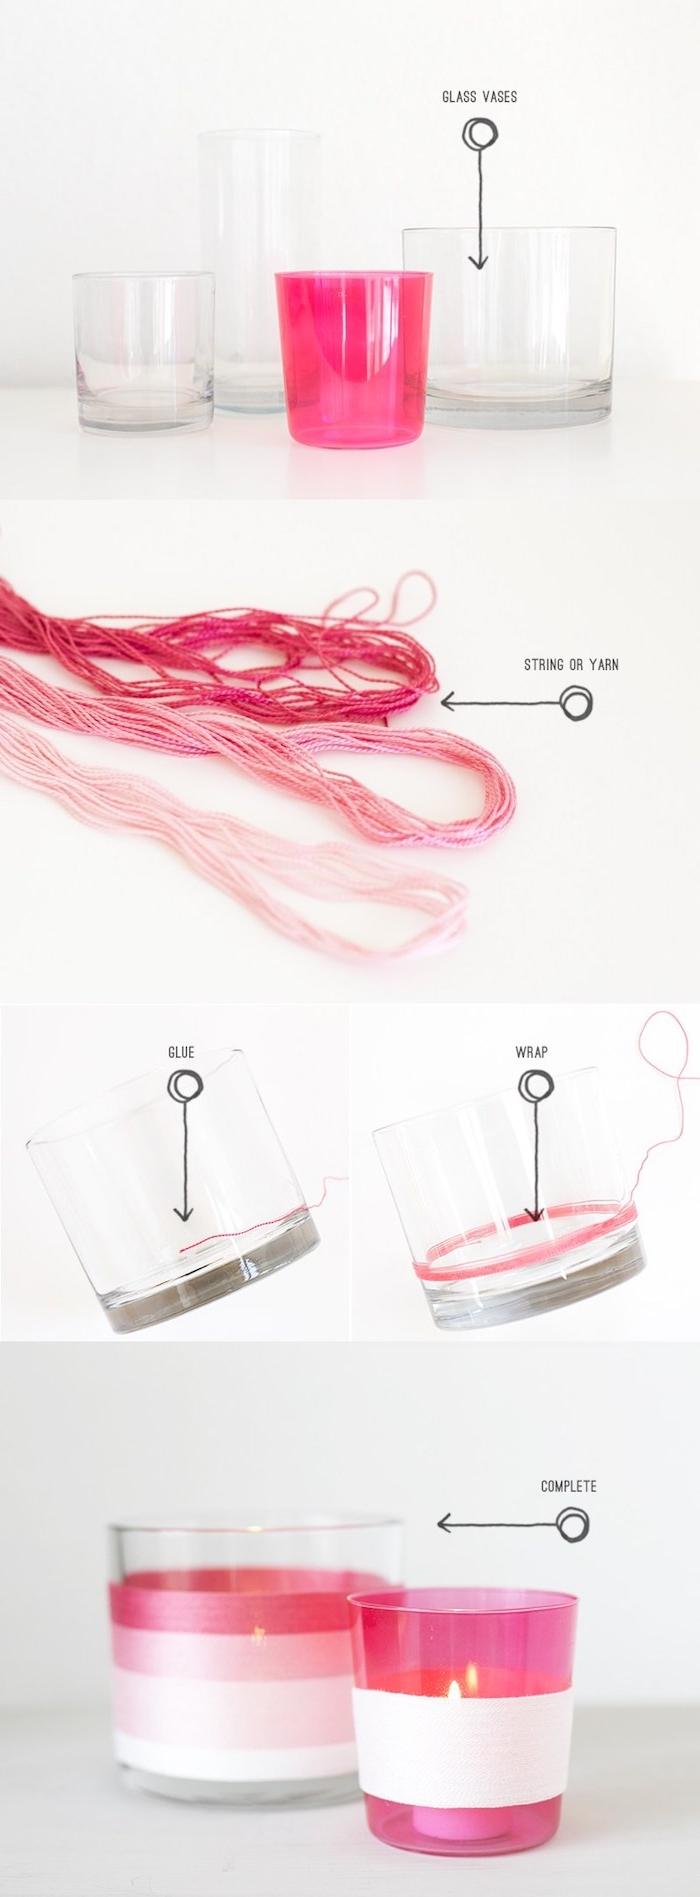 petits bougeoir simple fabriqué dans un pot en verre avec décoration de fils de laine colorées en rouge et rose, idée d activité manuelle